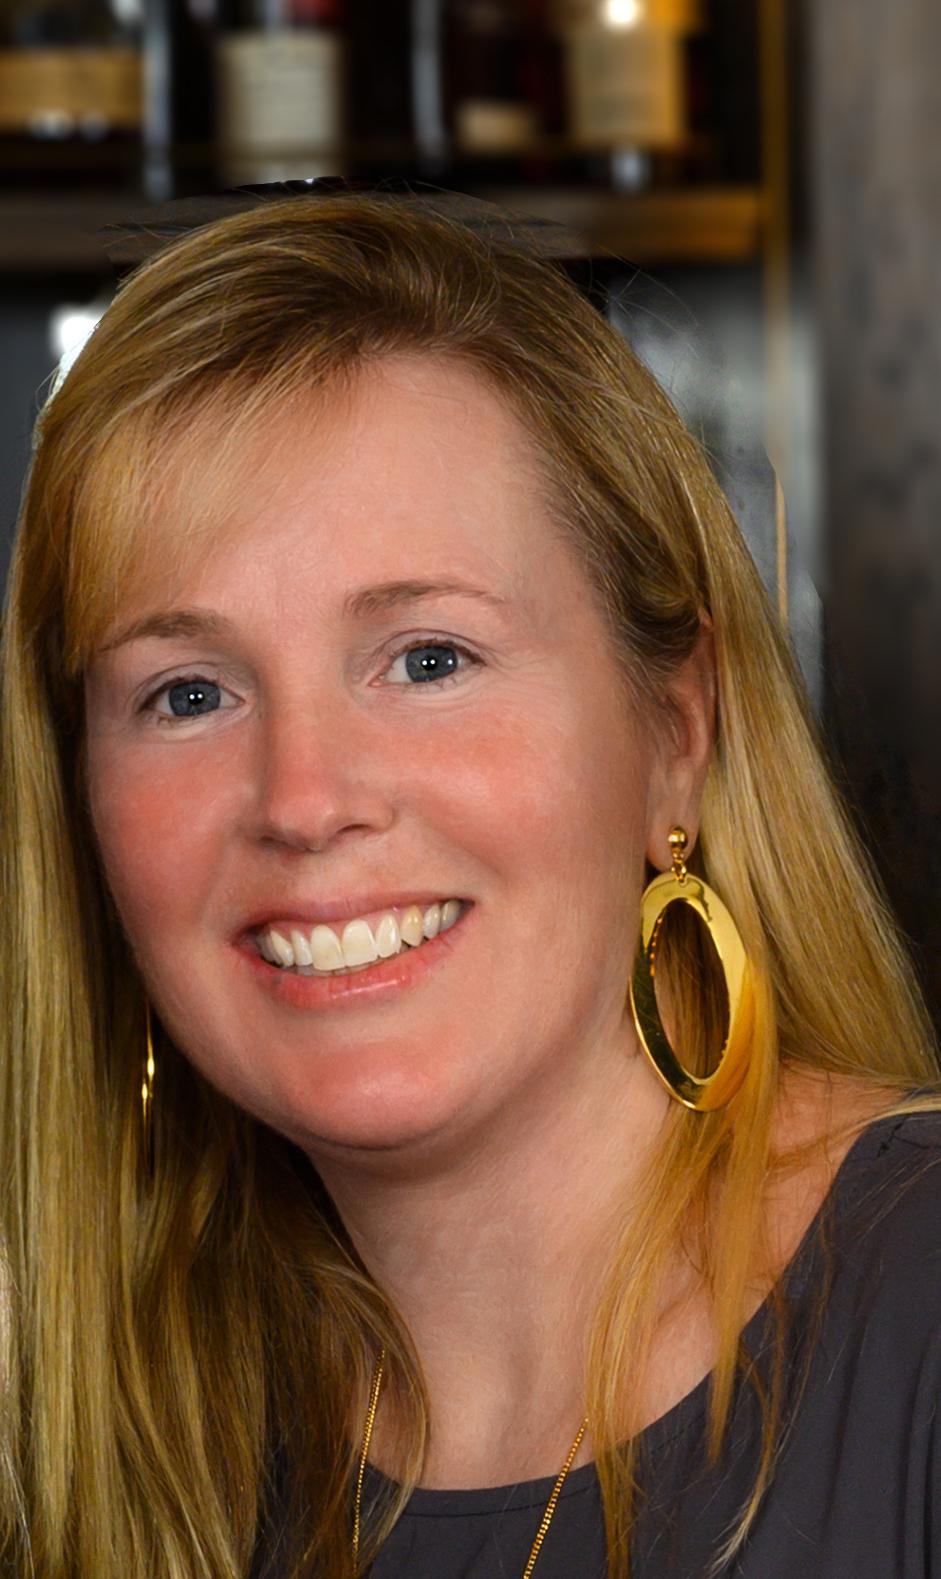 Kelly Iacovelli